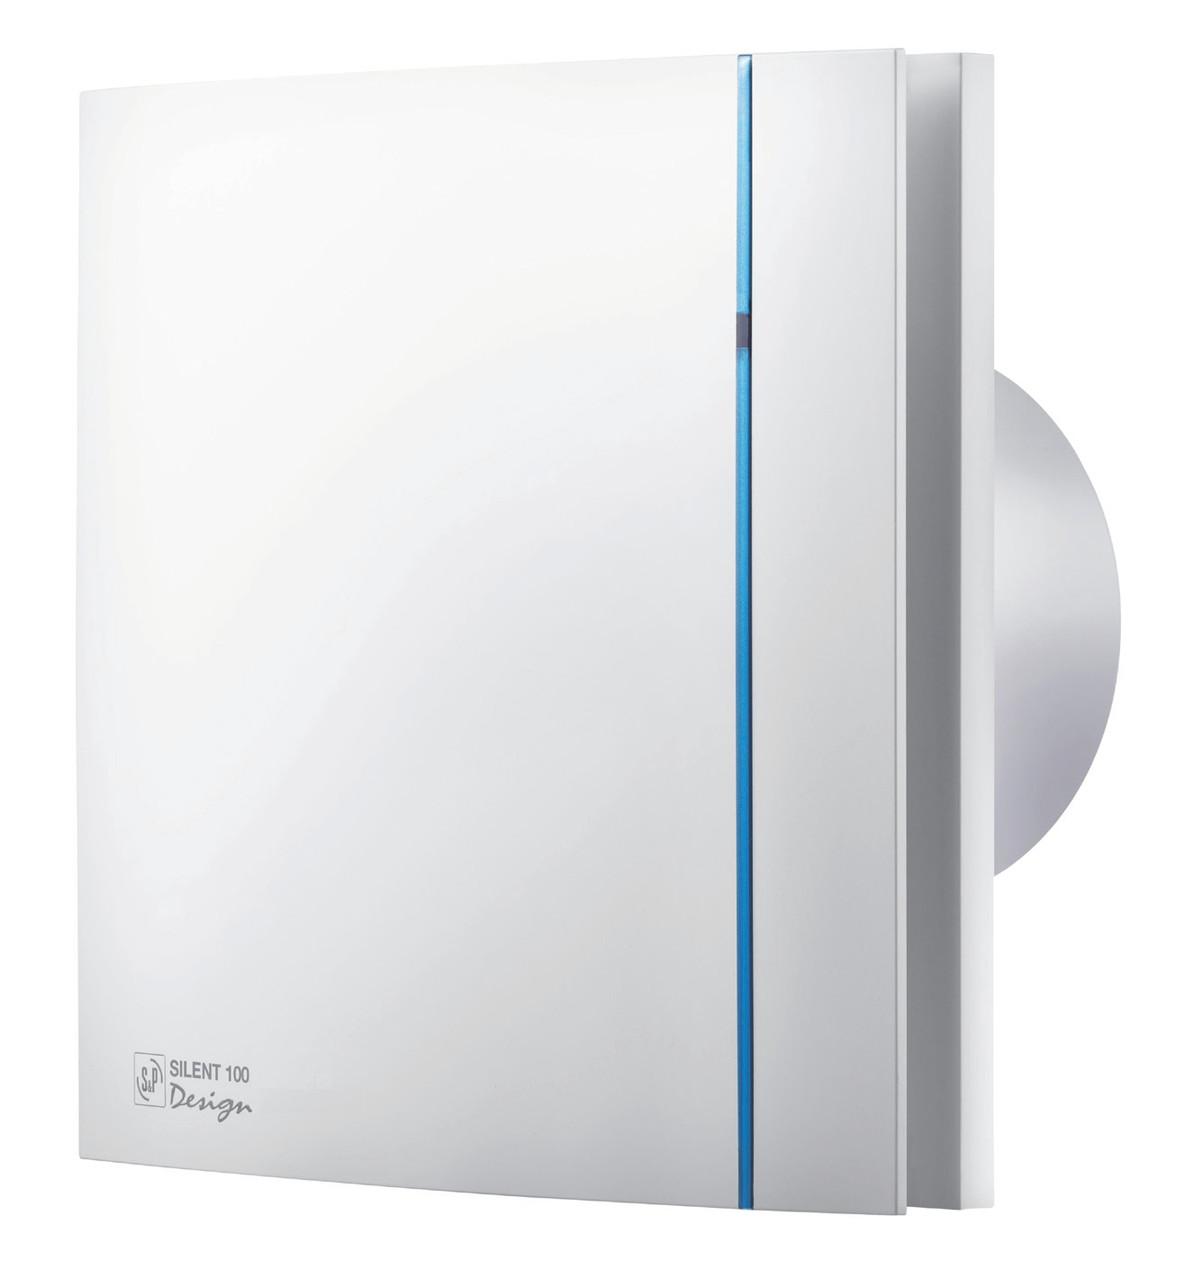 Вентилятор бытовой осевой Soler&Palau SILENT-100 CZ DESIGN (230V 50)